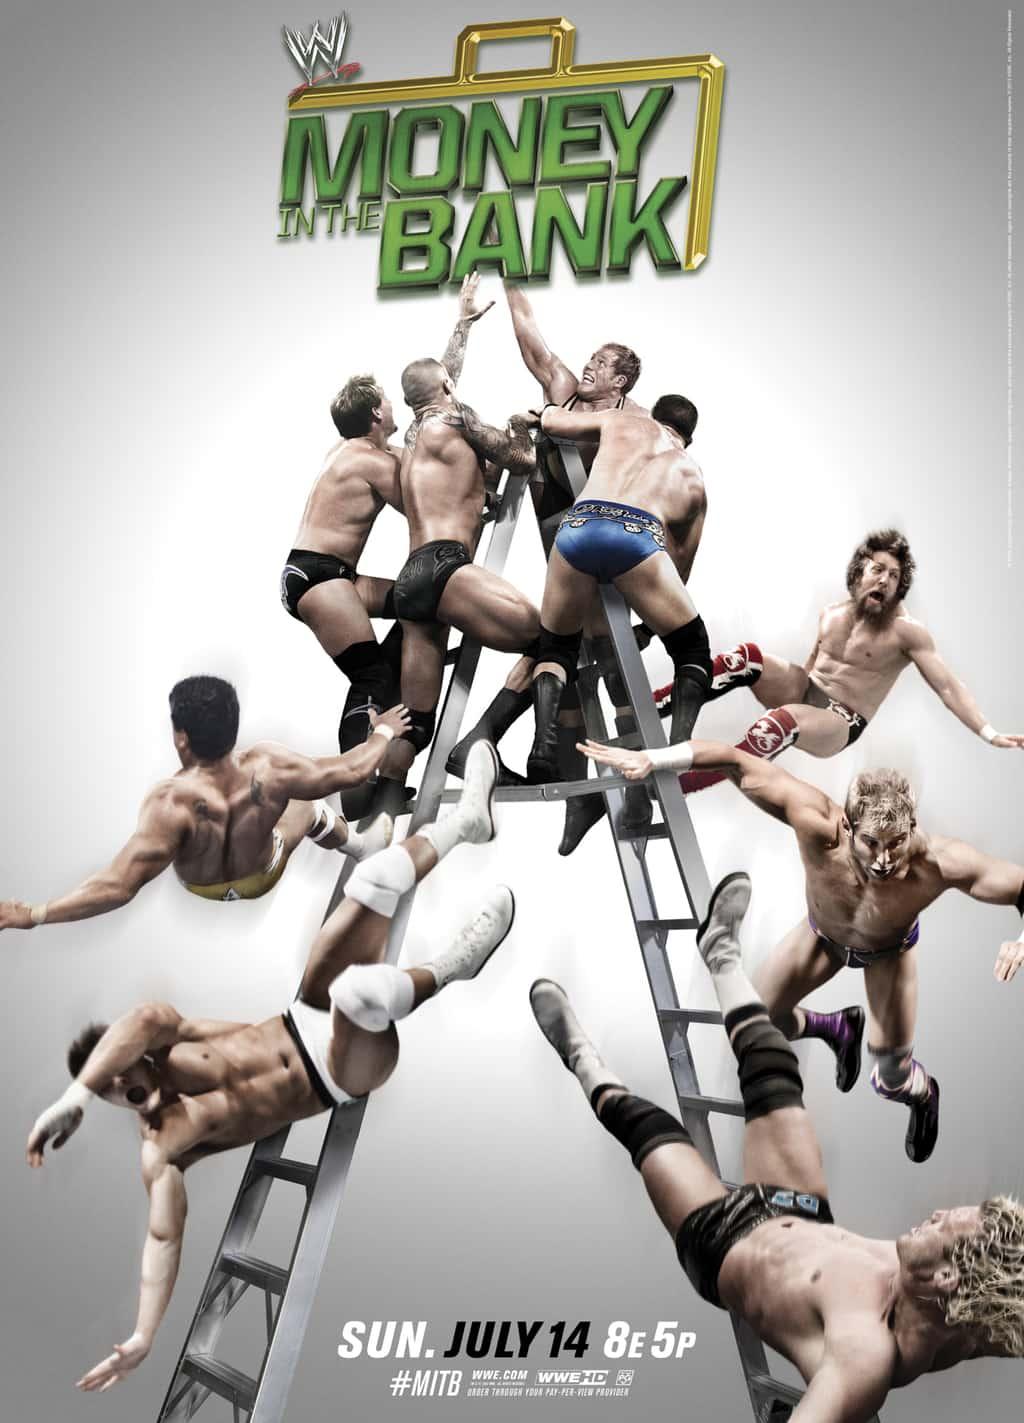 WWE Money in the Bank #MITB (Cobertura y resultados 14 de julio de 2013) - RVD regresa a la acción - Randy Orton gana el MiTB 1